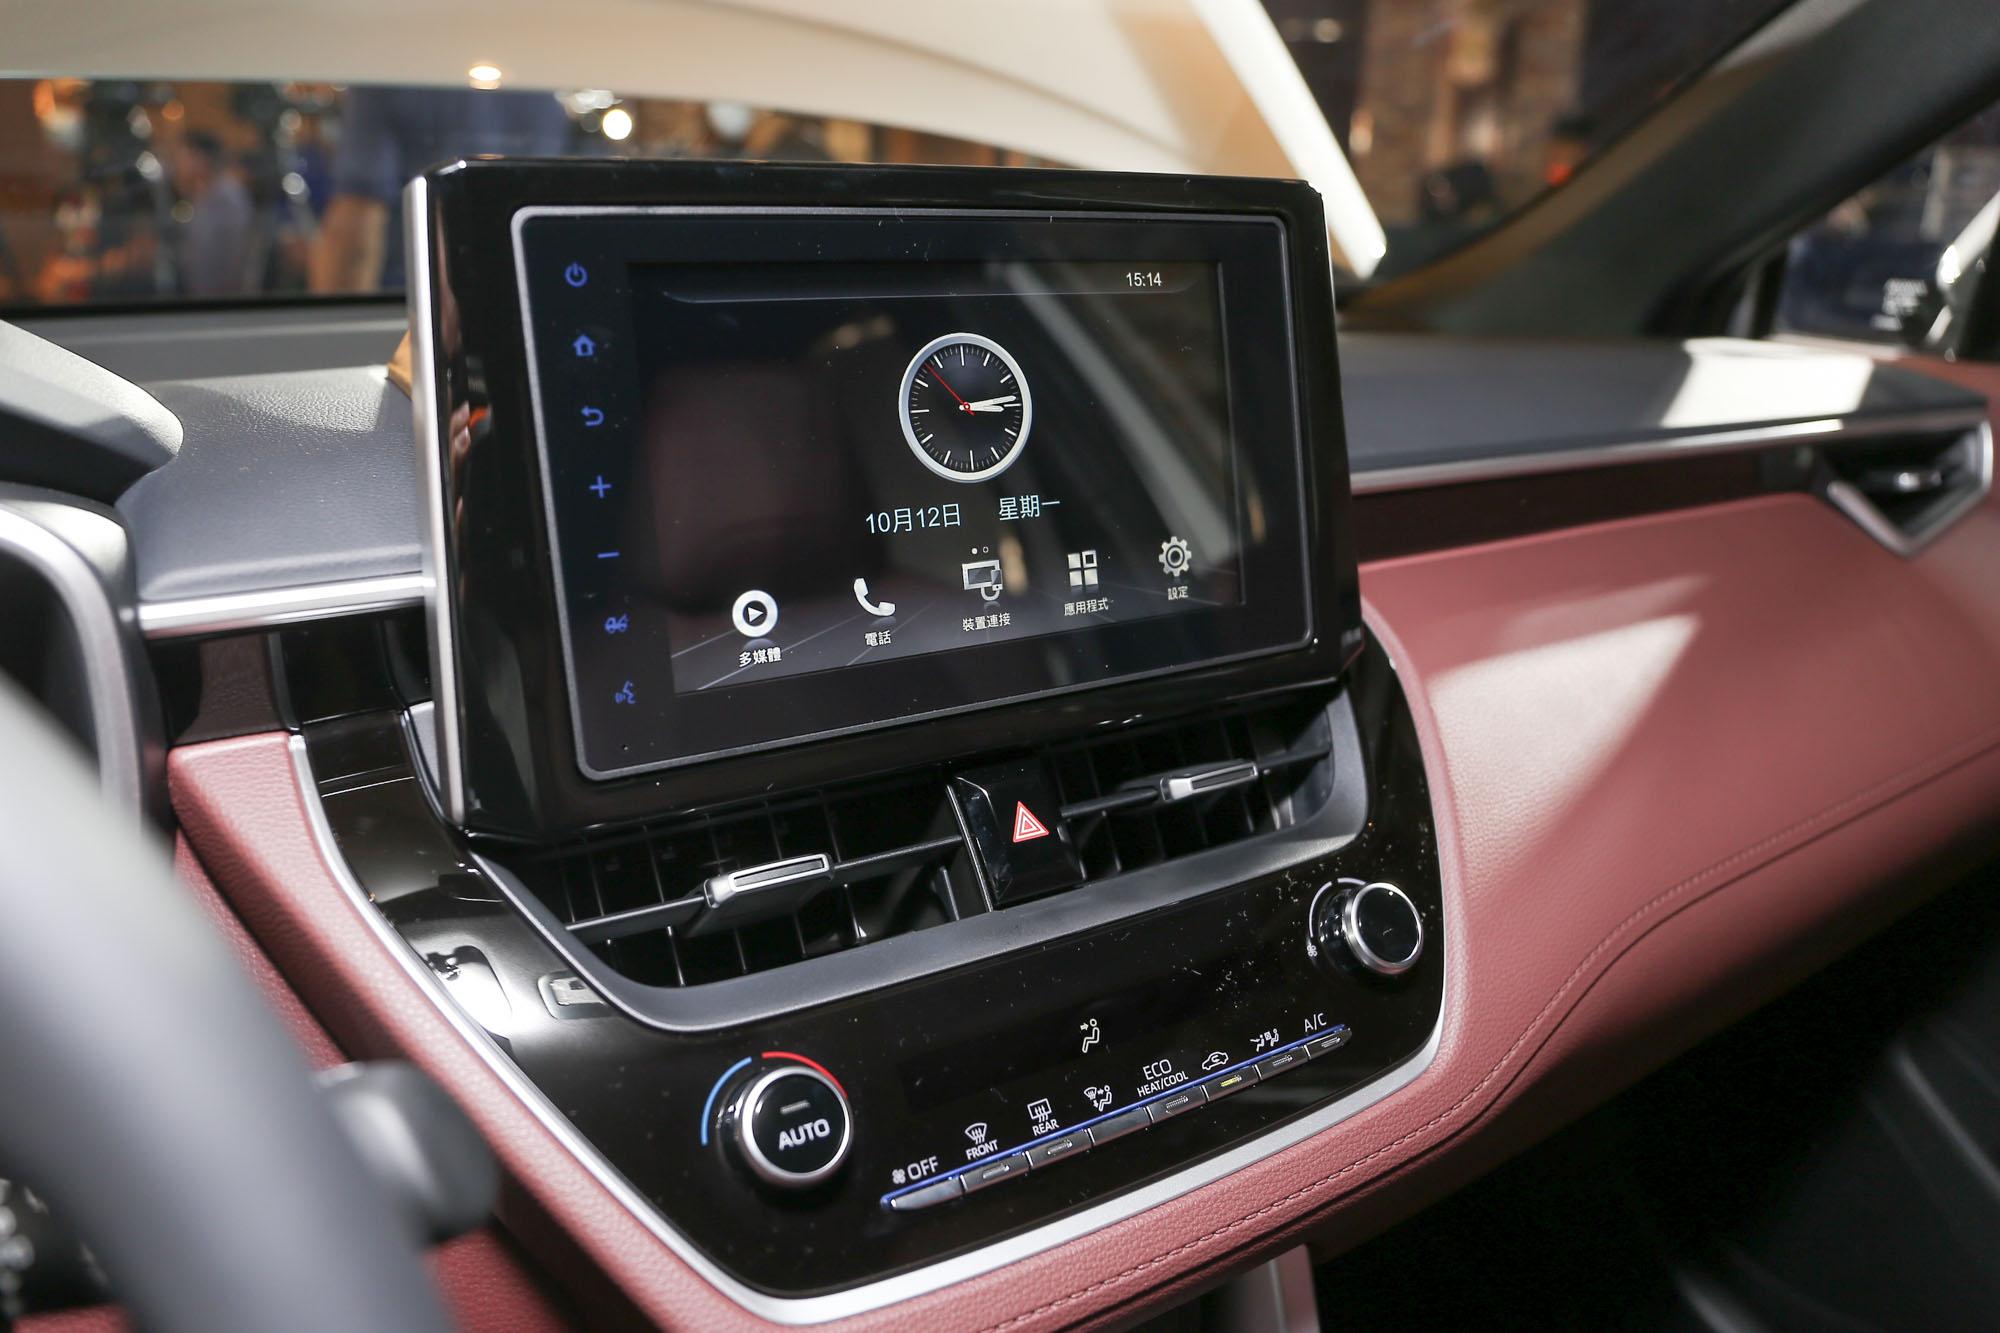 Toyota Drive+Connect智聯車載系統8吋Wi-Fi主機,Apple CarPlay 與 Android Auto 系統需加價選購 4G WiFi 套件。